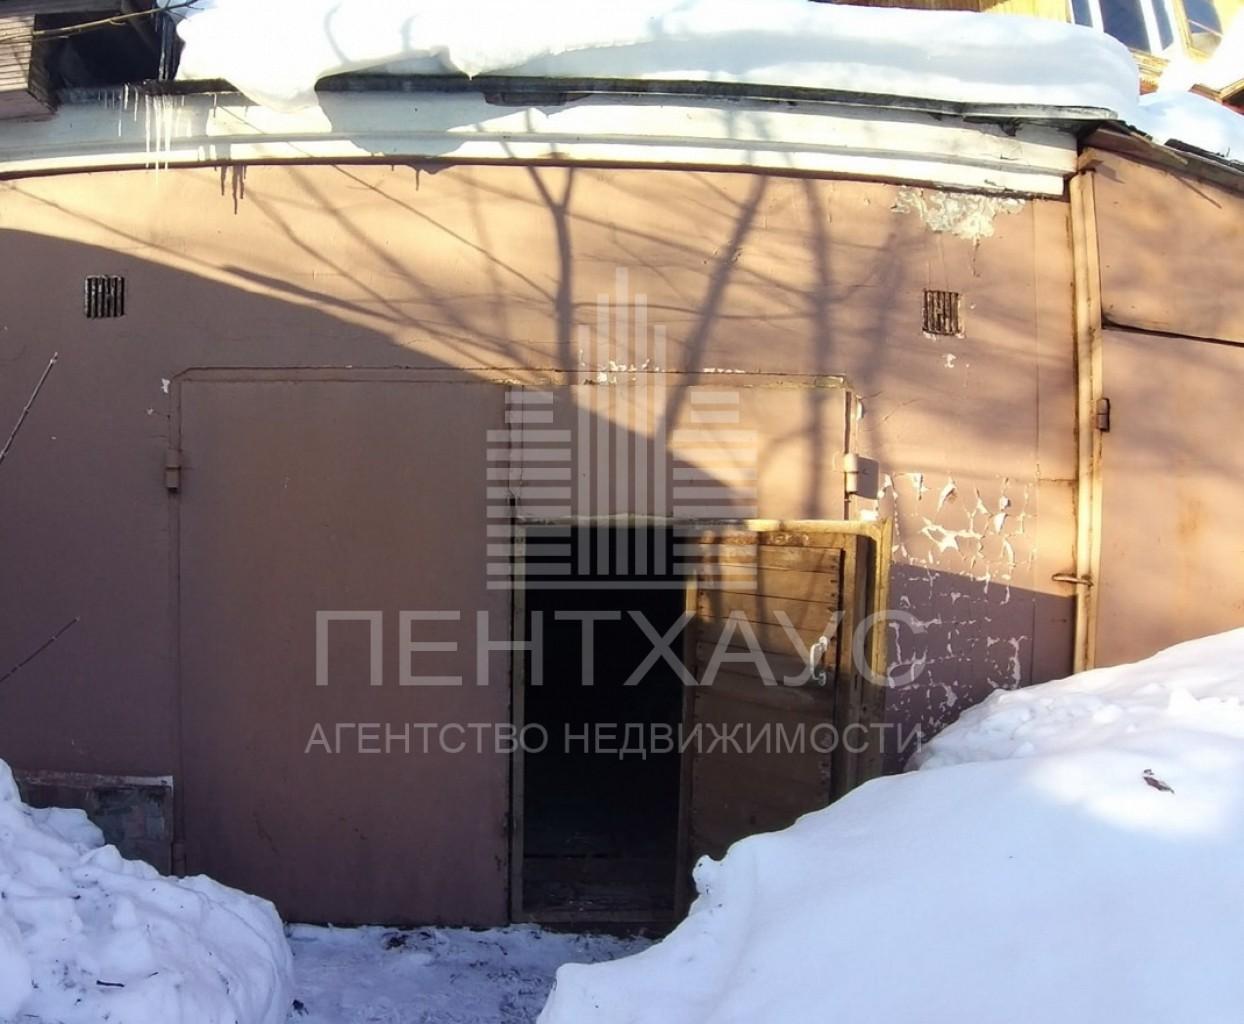 г. Владимир, Стрелецкая ул., 27-г, гараж на продажу